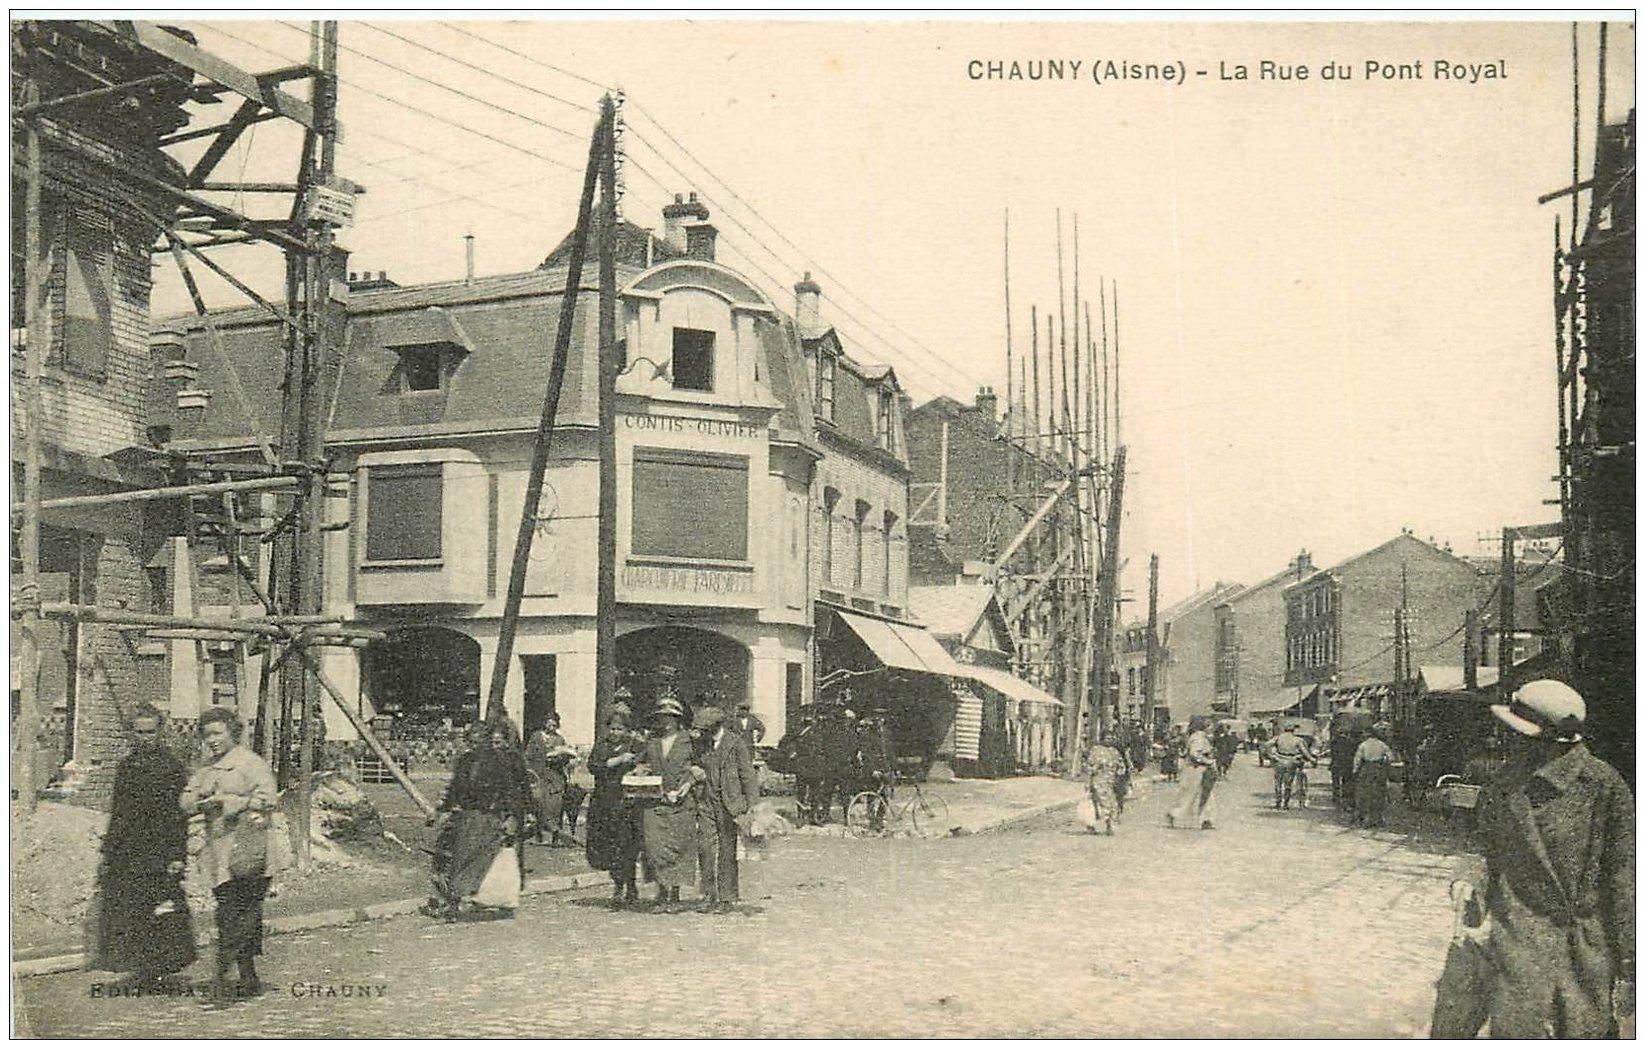 carte postale ancienne 02 CHAUNY. Rue du Pont Royal. Charcuterie Parisienne Contis Olivier